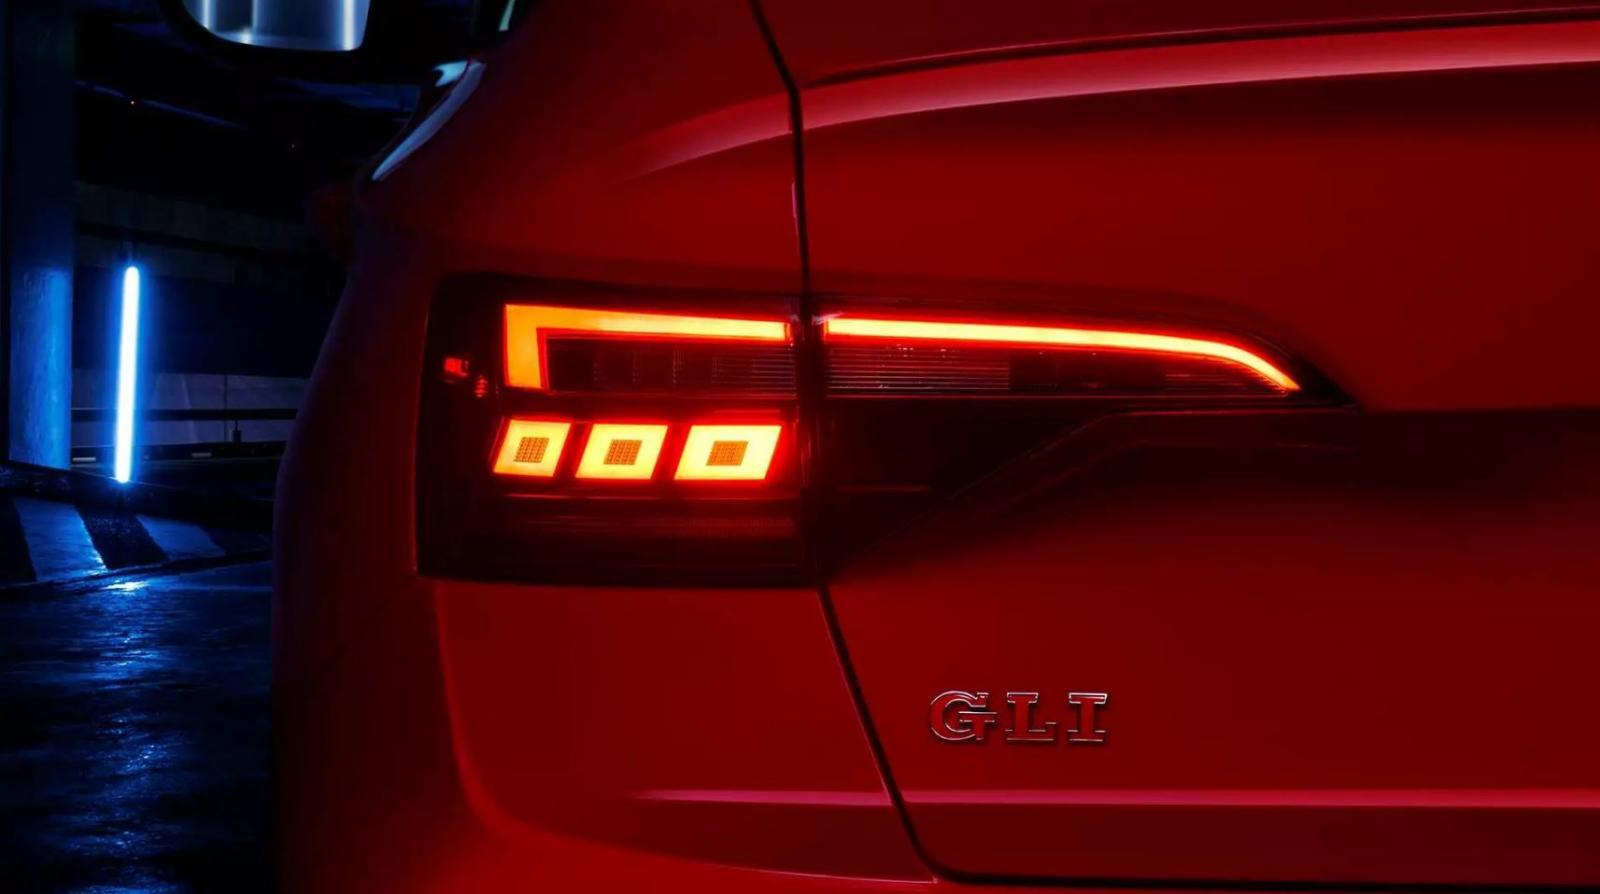 El Volkswagen Jetta GLI 2019 genera confianza en ciudad y carretera